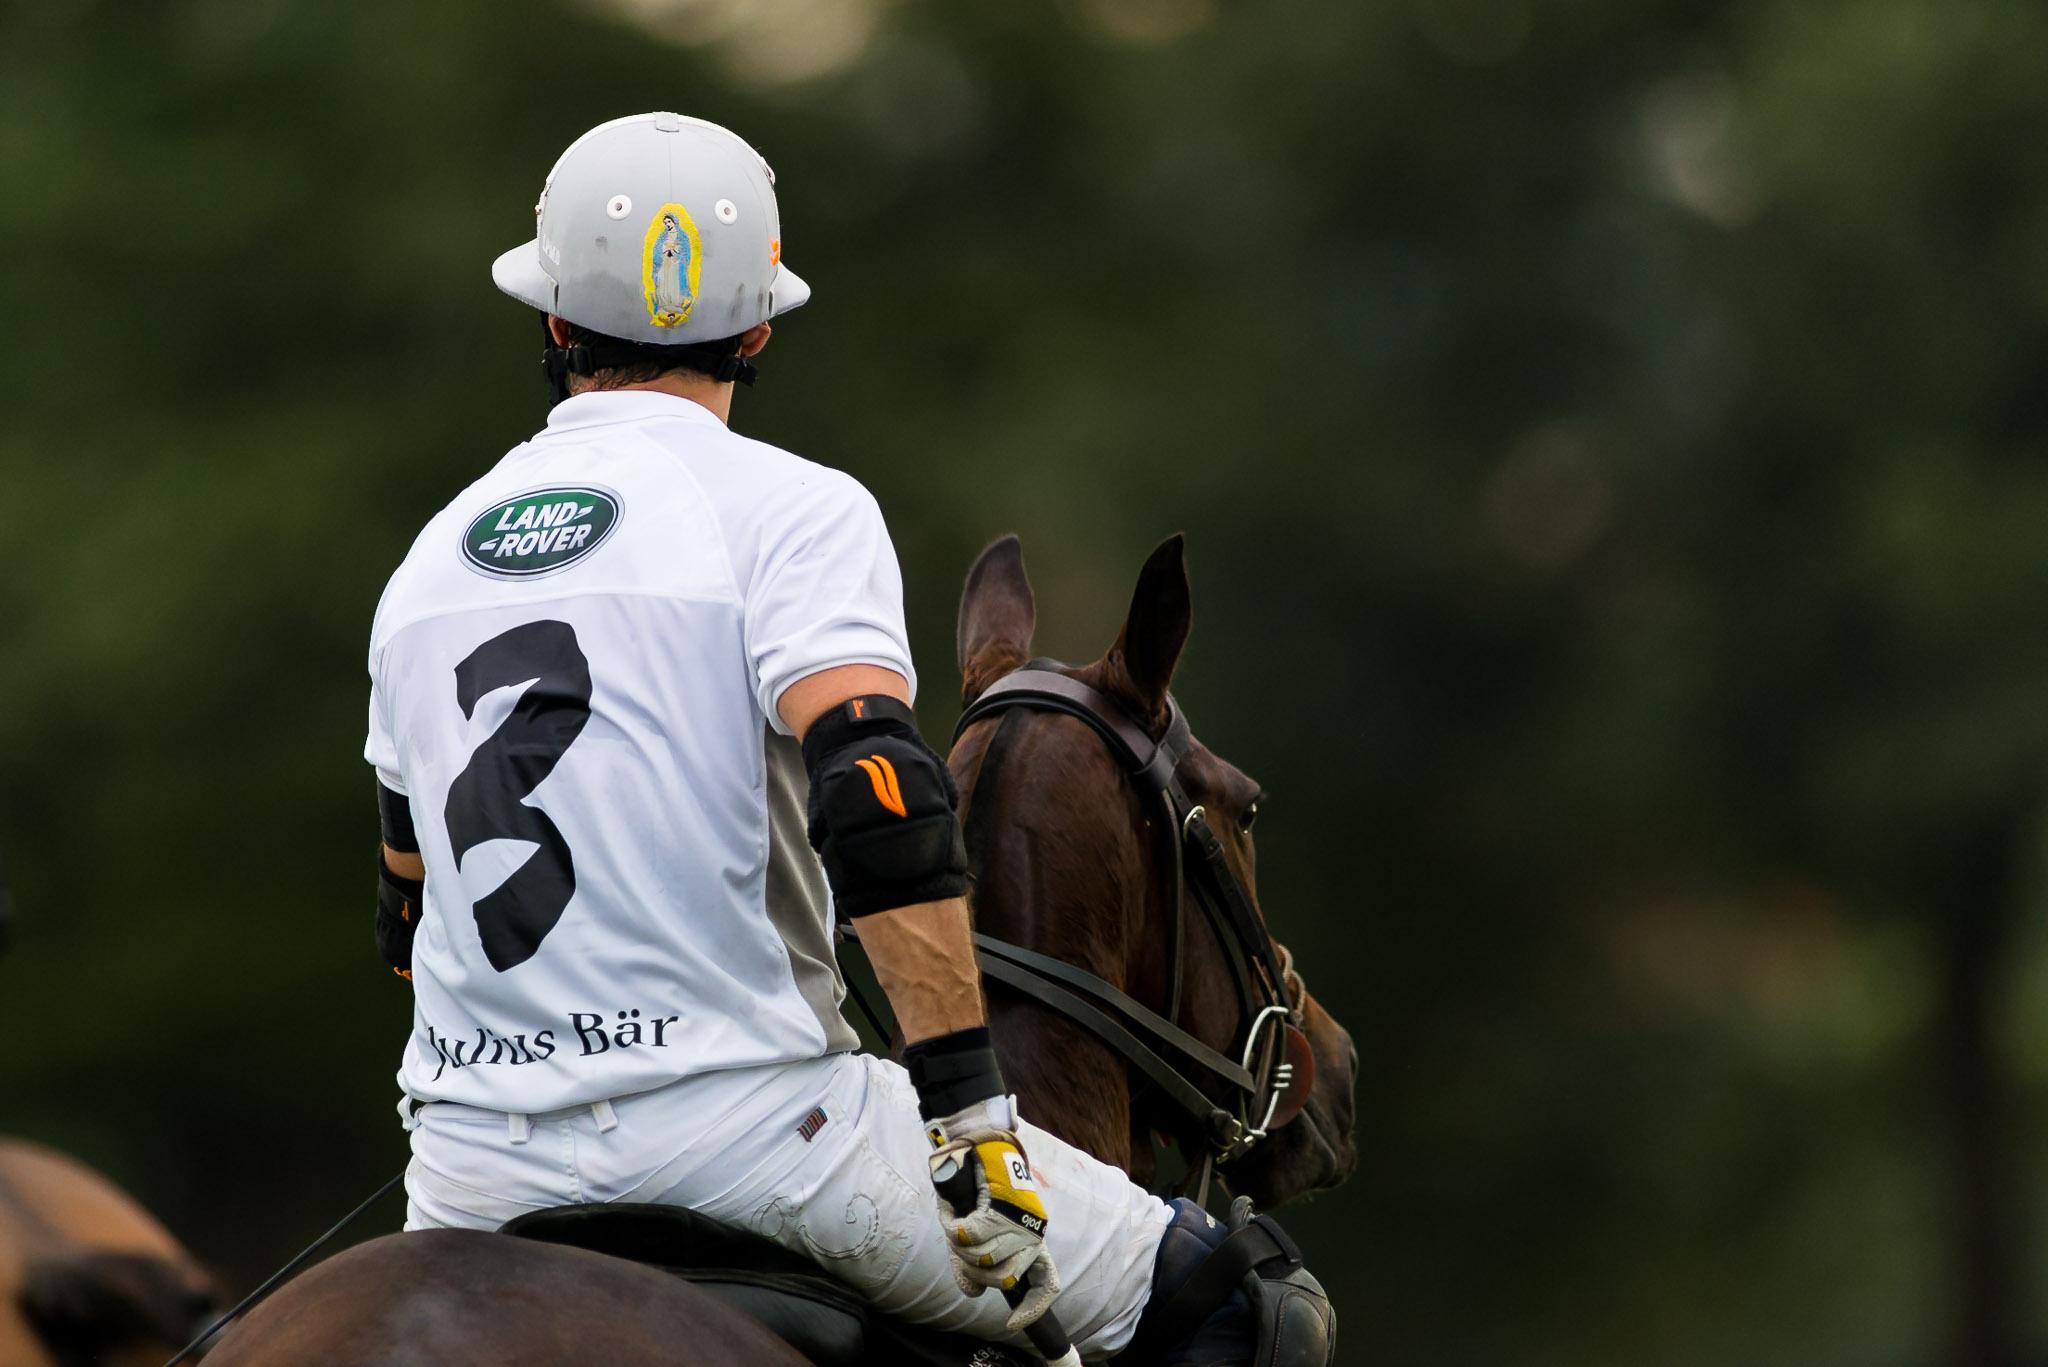 20160507a_NIKON D610_Copa Giorgio Moroni_Maragata Julius Baer x Hipica Polo_-_KUR8107.jpg